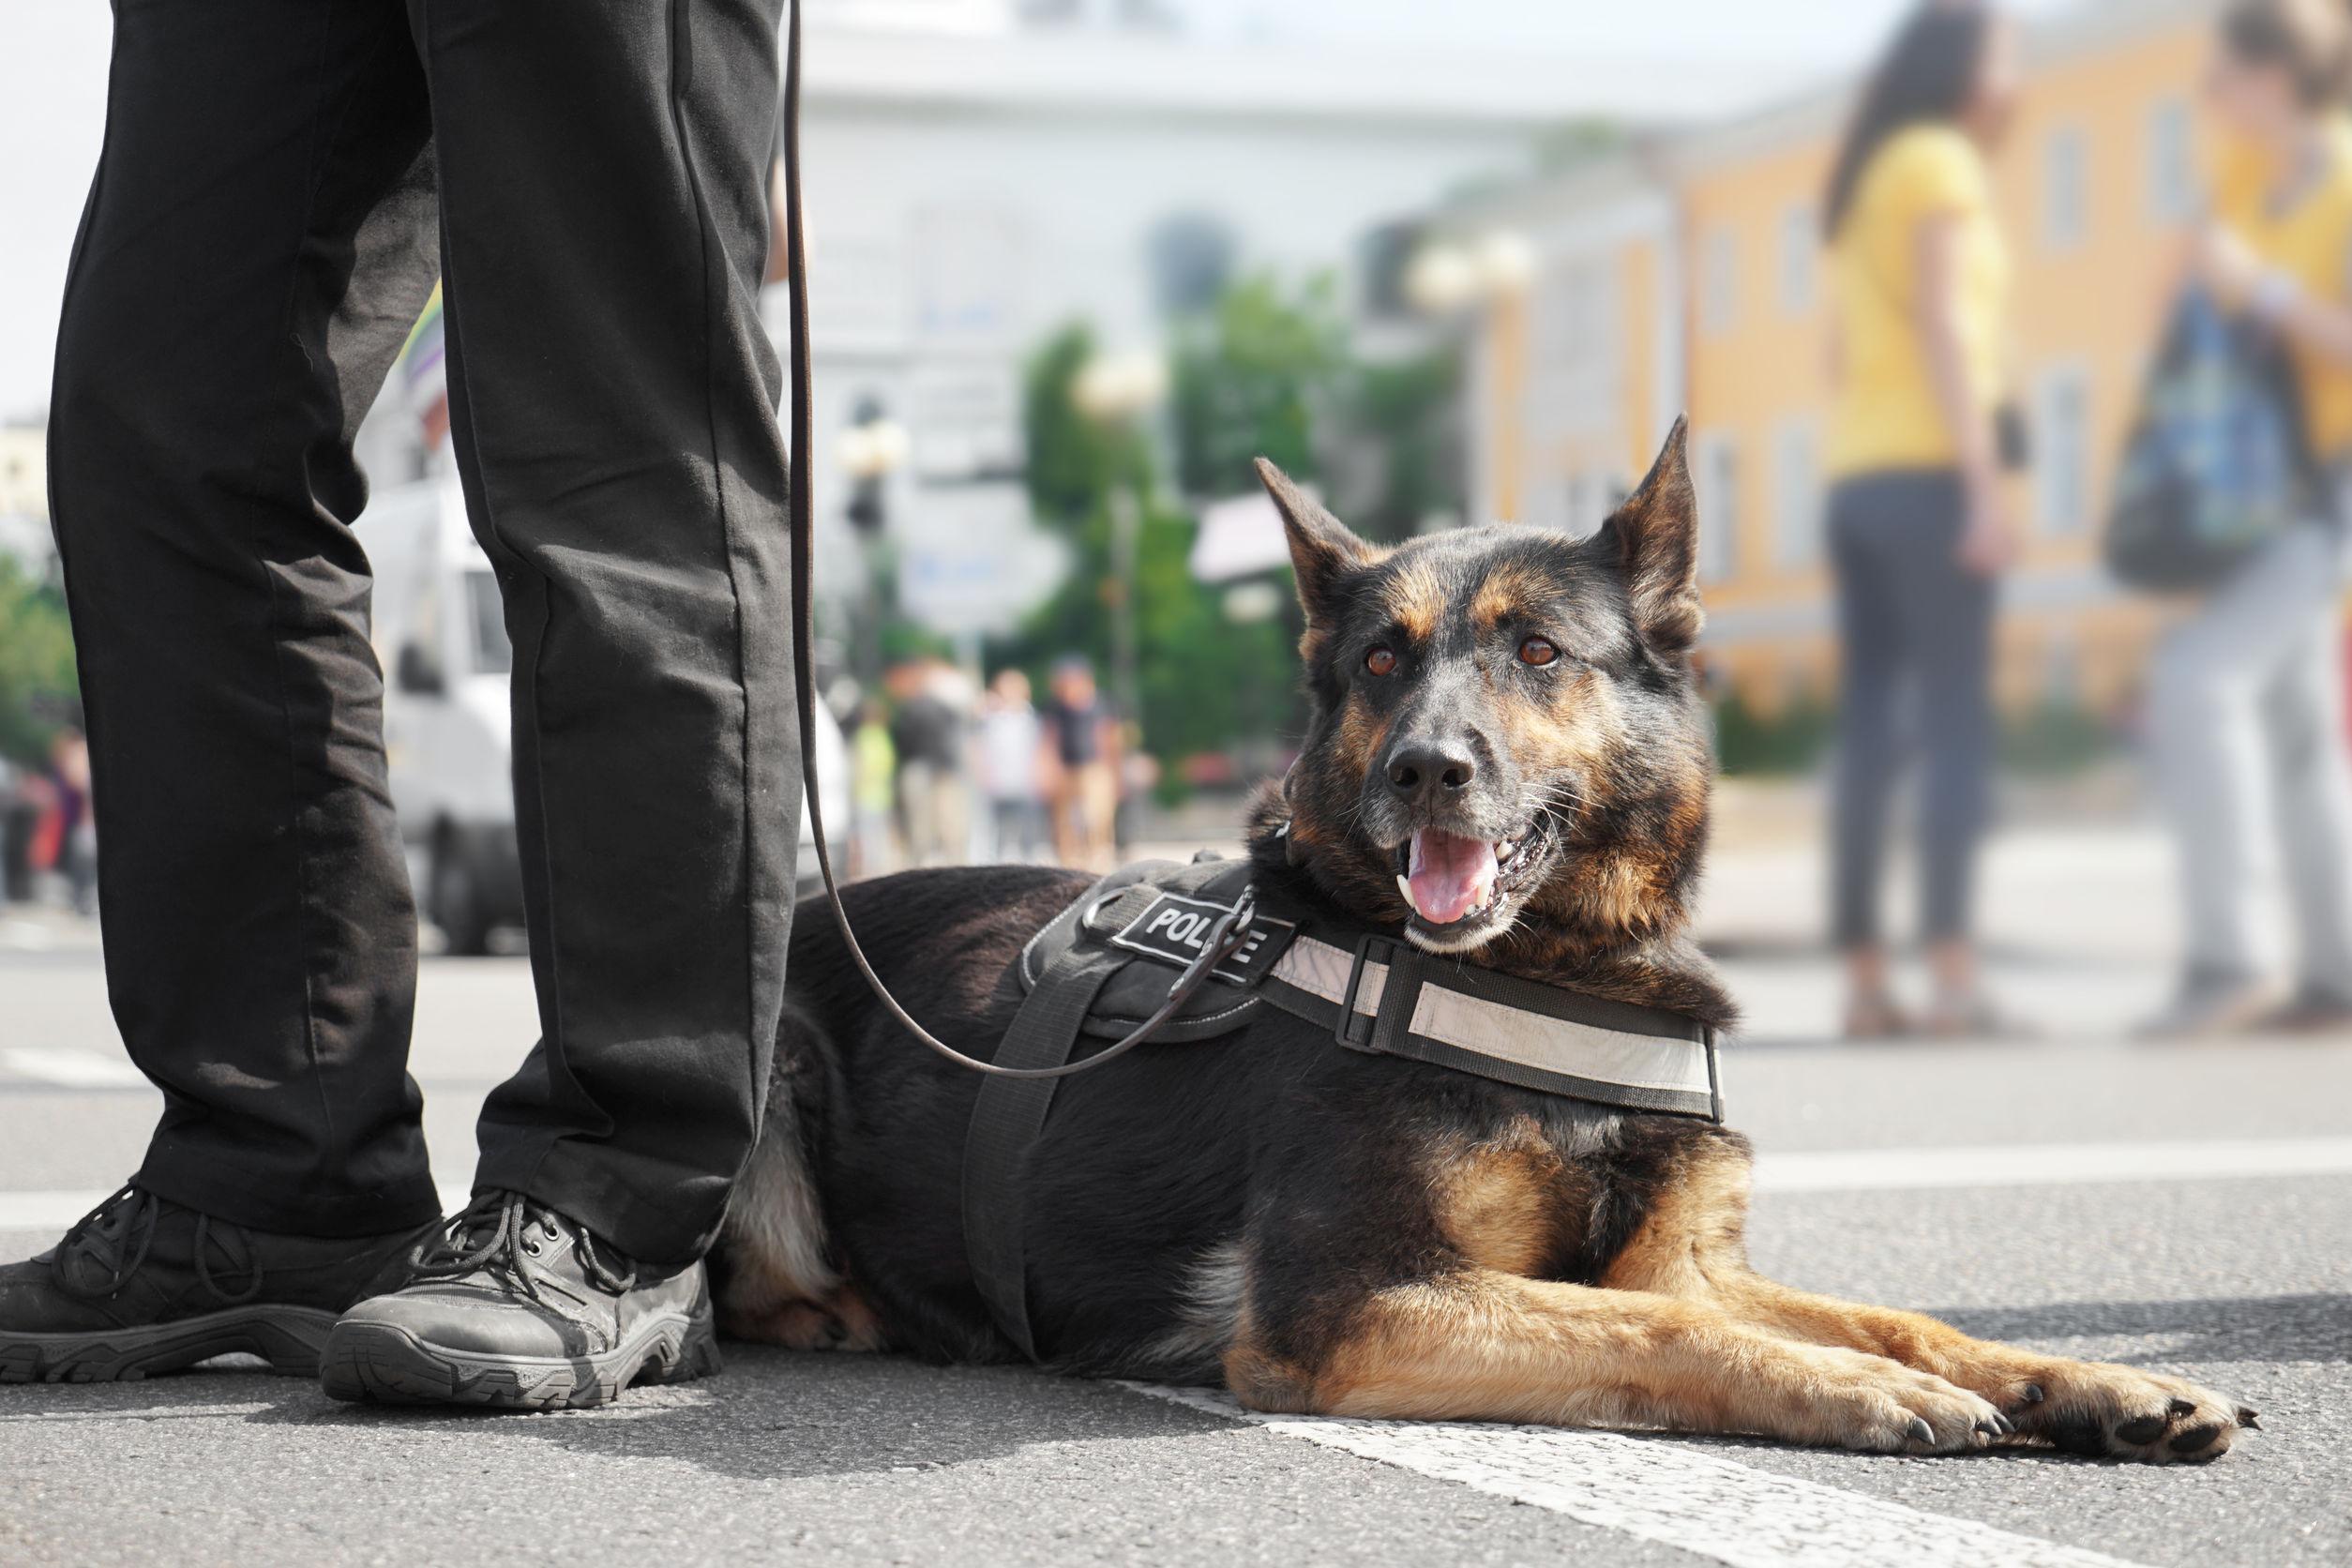 Cão com coleira peitoral guiado por uma pessoa que não aparece na imagem.